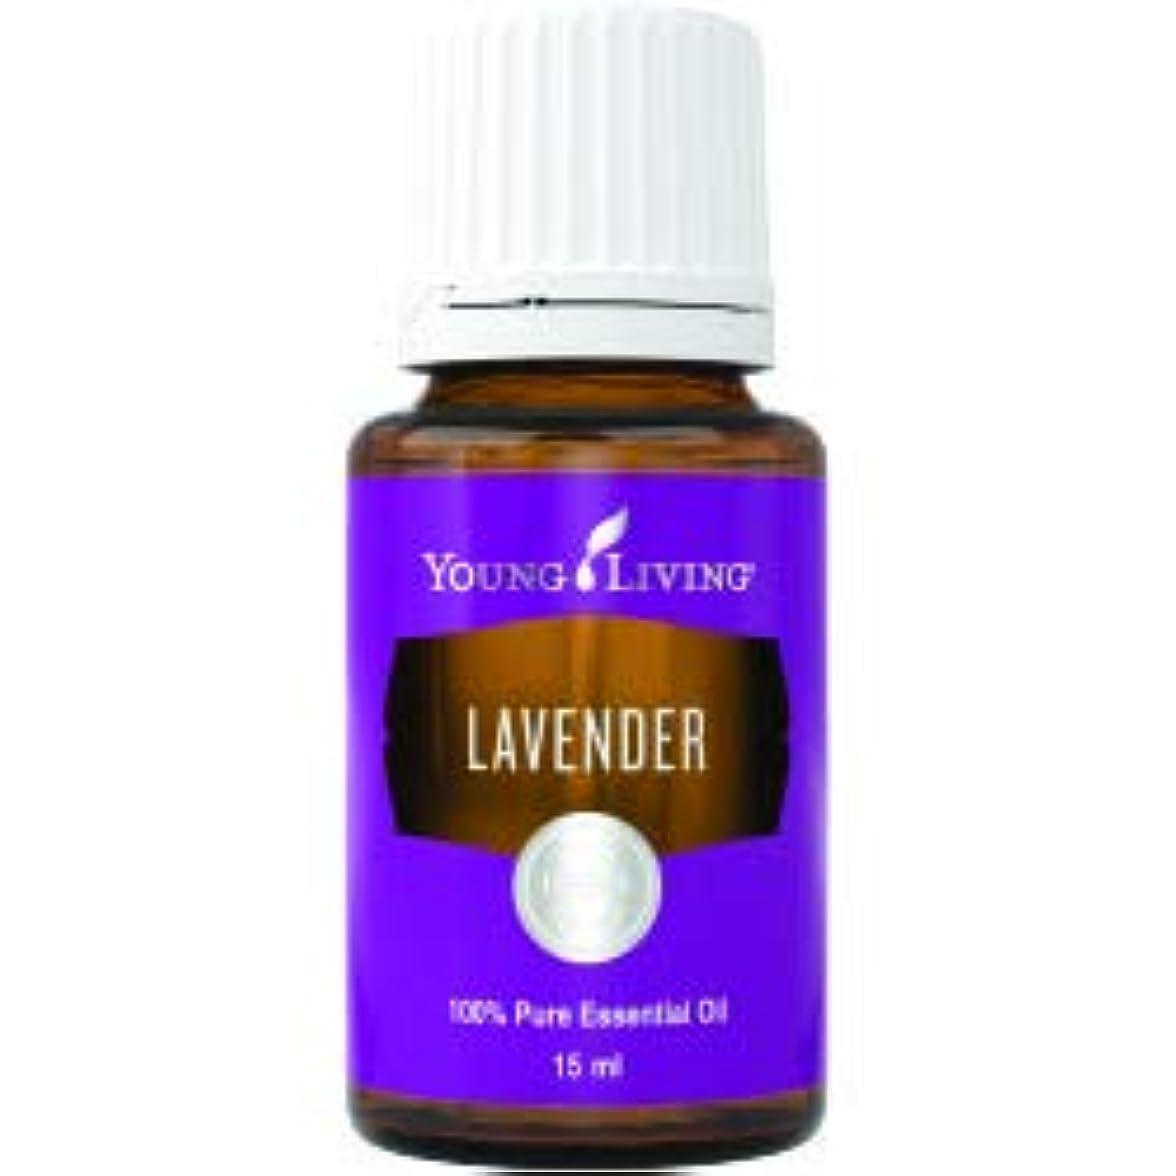 建築散歩ジェームズダイソンラベンダーエッセンシャルオイル15ml by Young Livingエッセンシャルオイルマレーシア Lavender Essential Oil 15ml by Young Living Essential Oil Malaysia